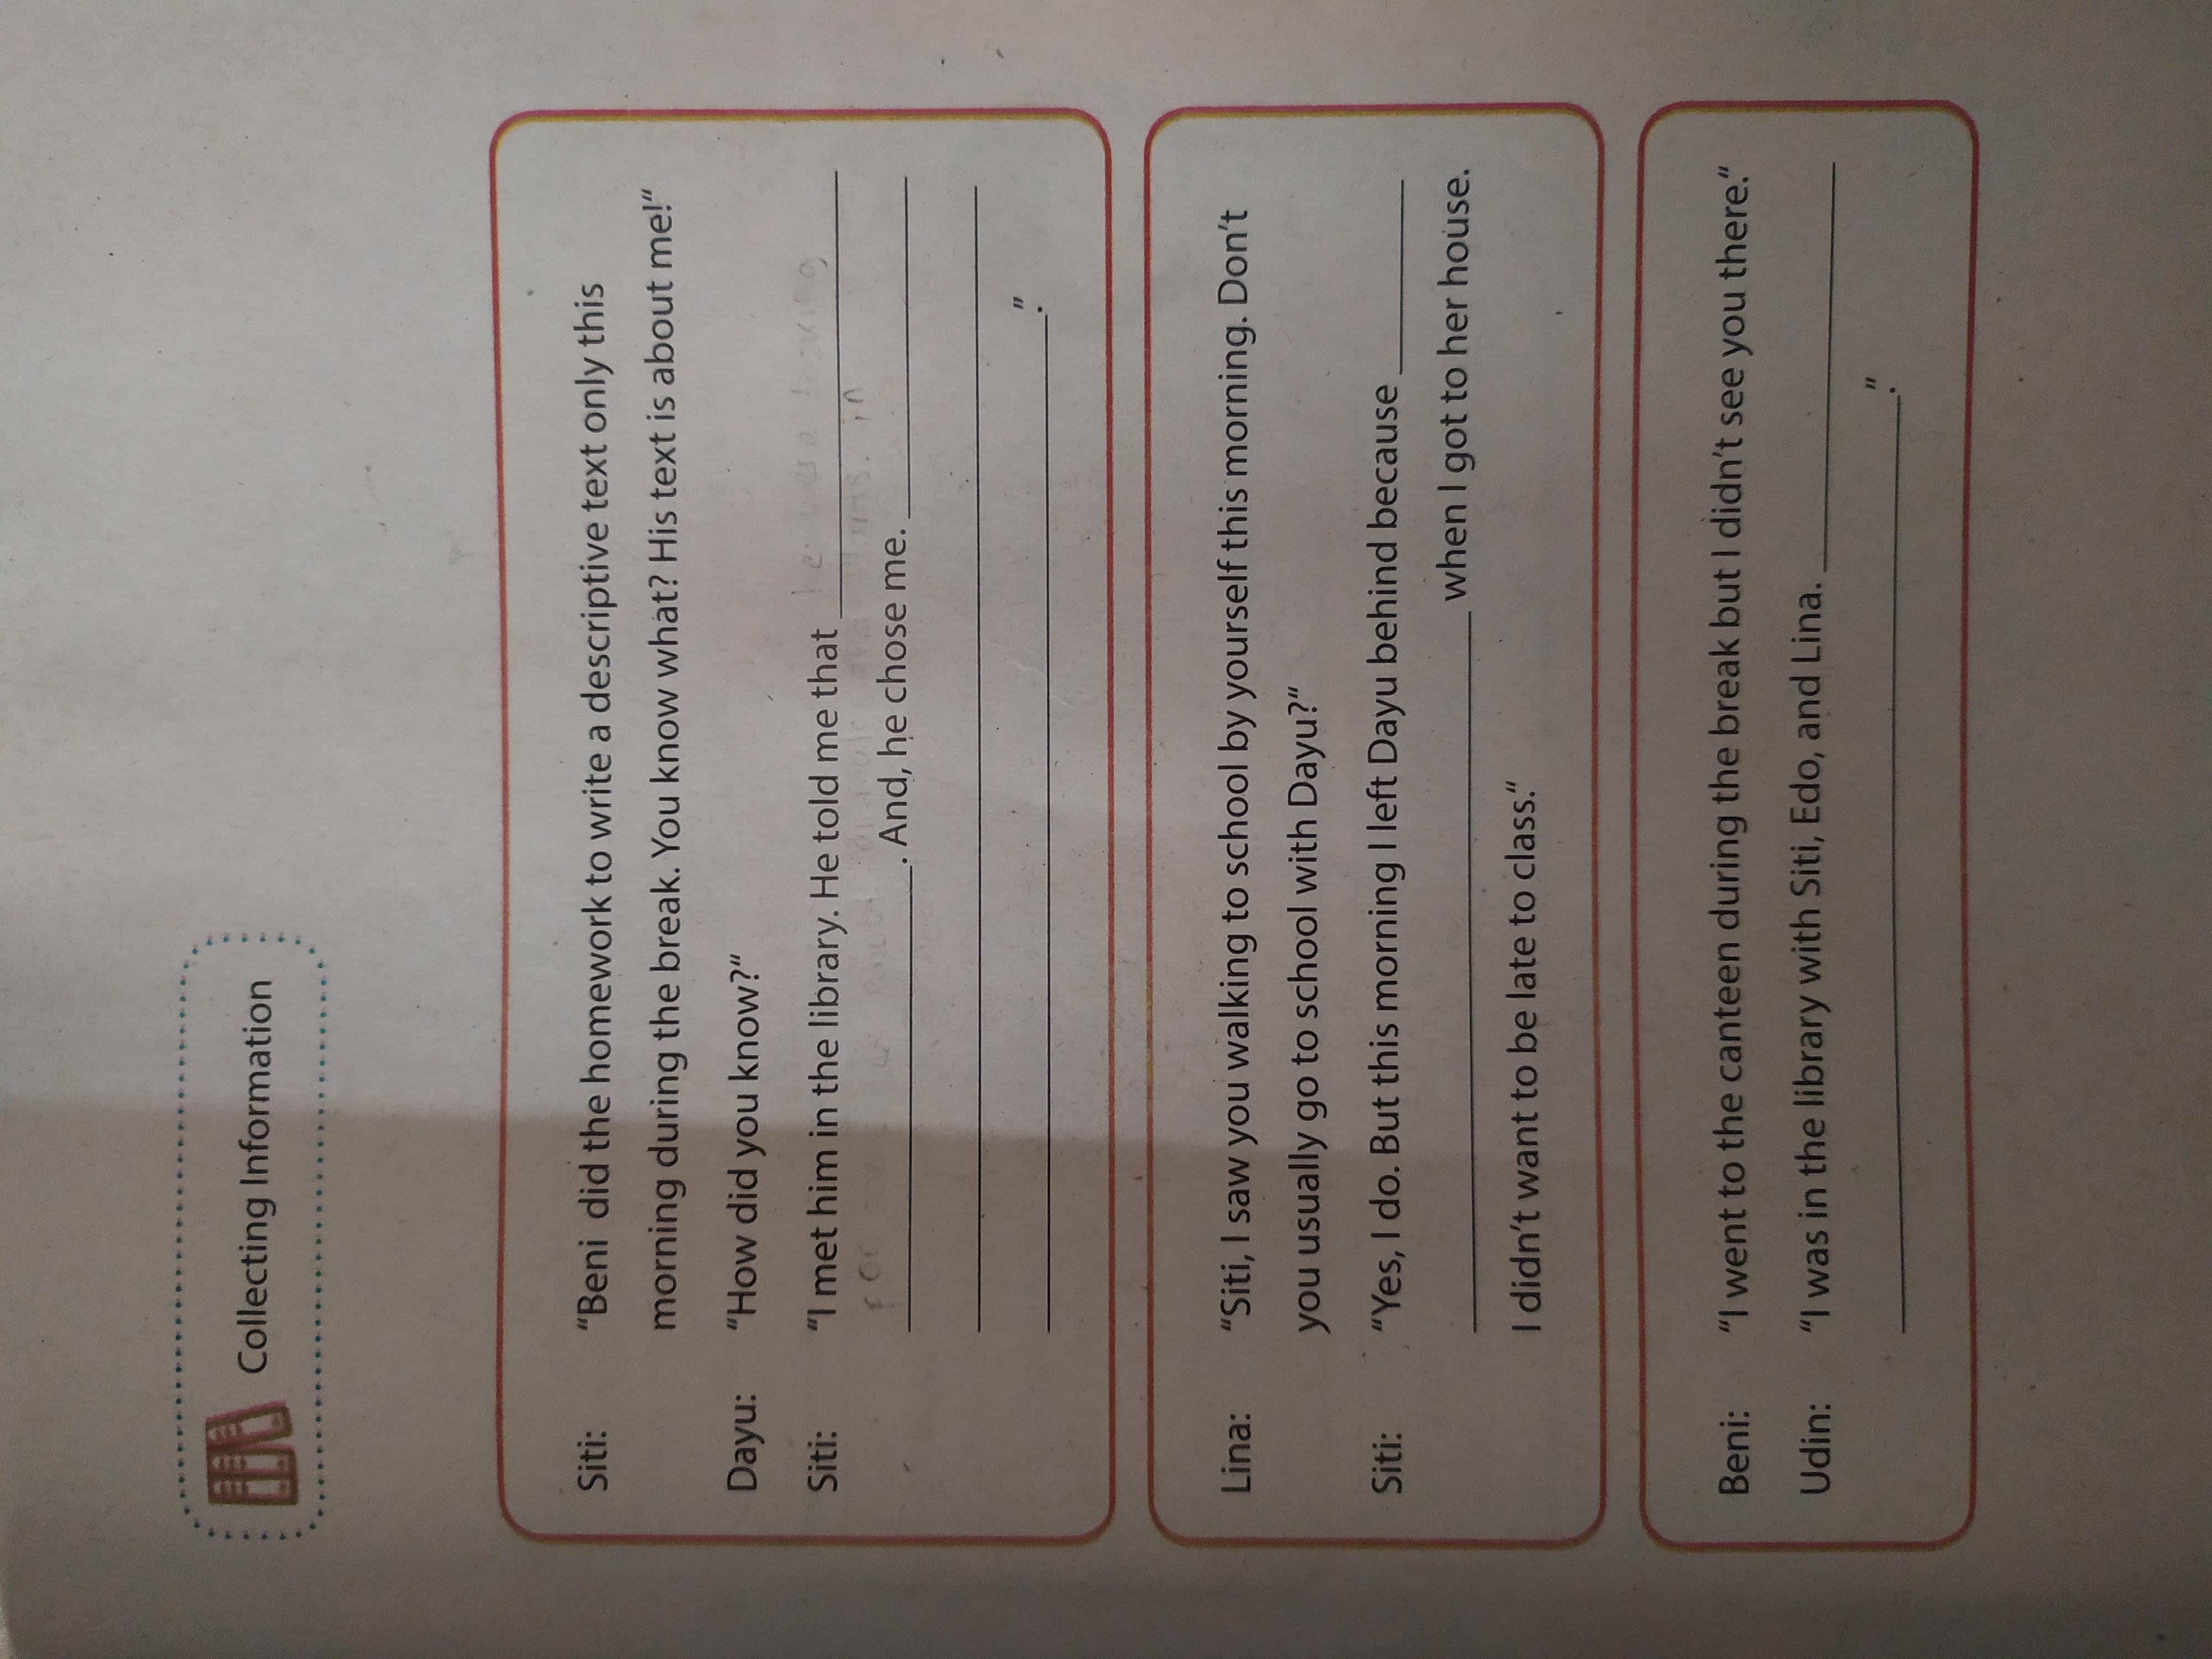 Tolong Bantu Kerjakan B Inggris Kelas 9 Hal 93 Sesuai Dengan Gambar Situasi Di Halaman Yang Pernah Brainly Co Id